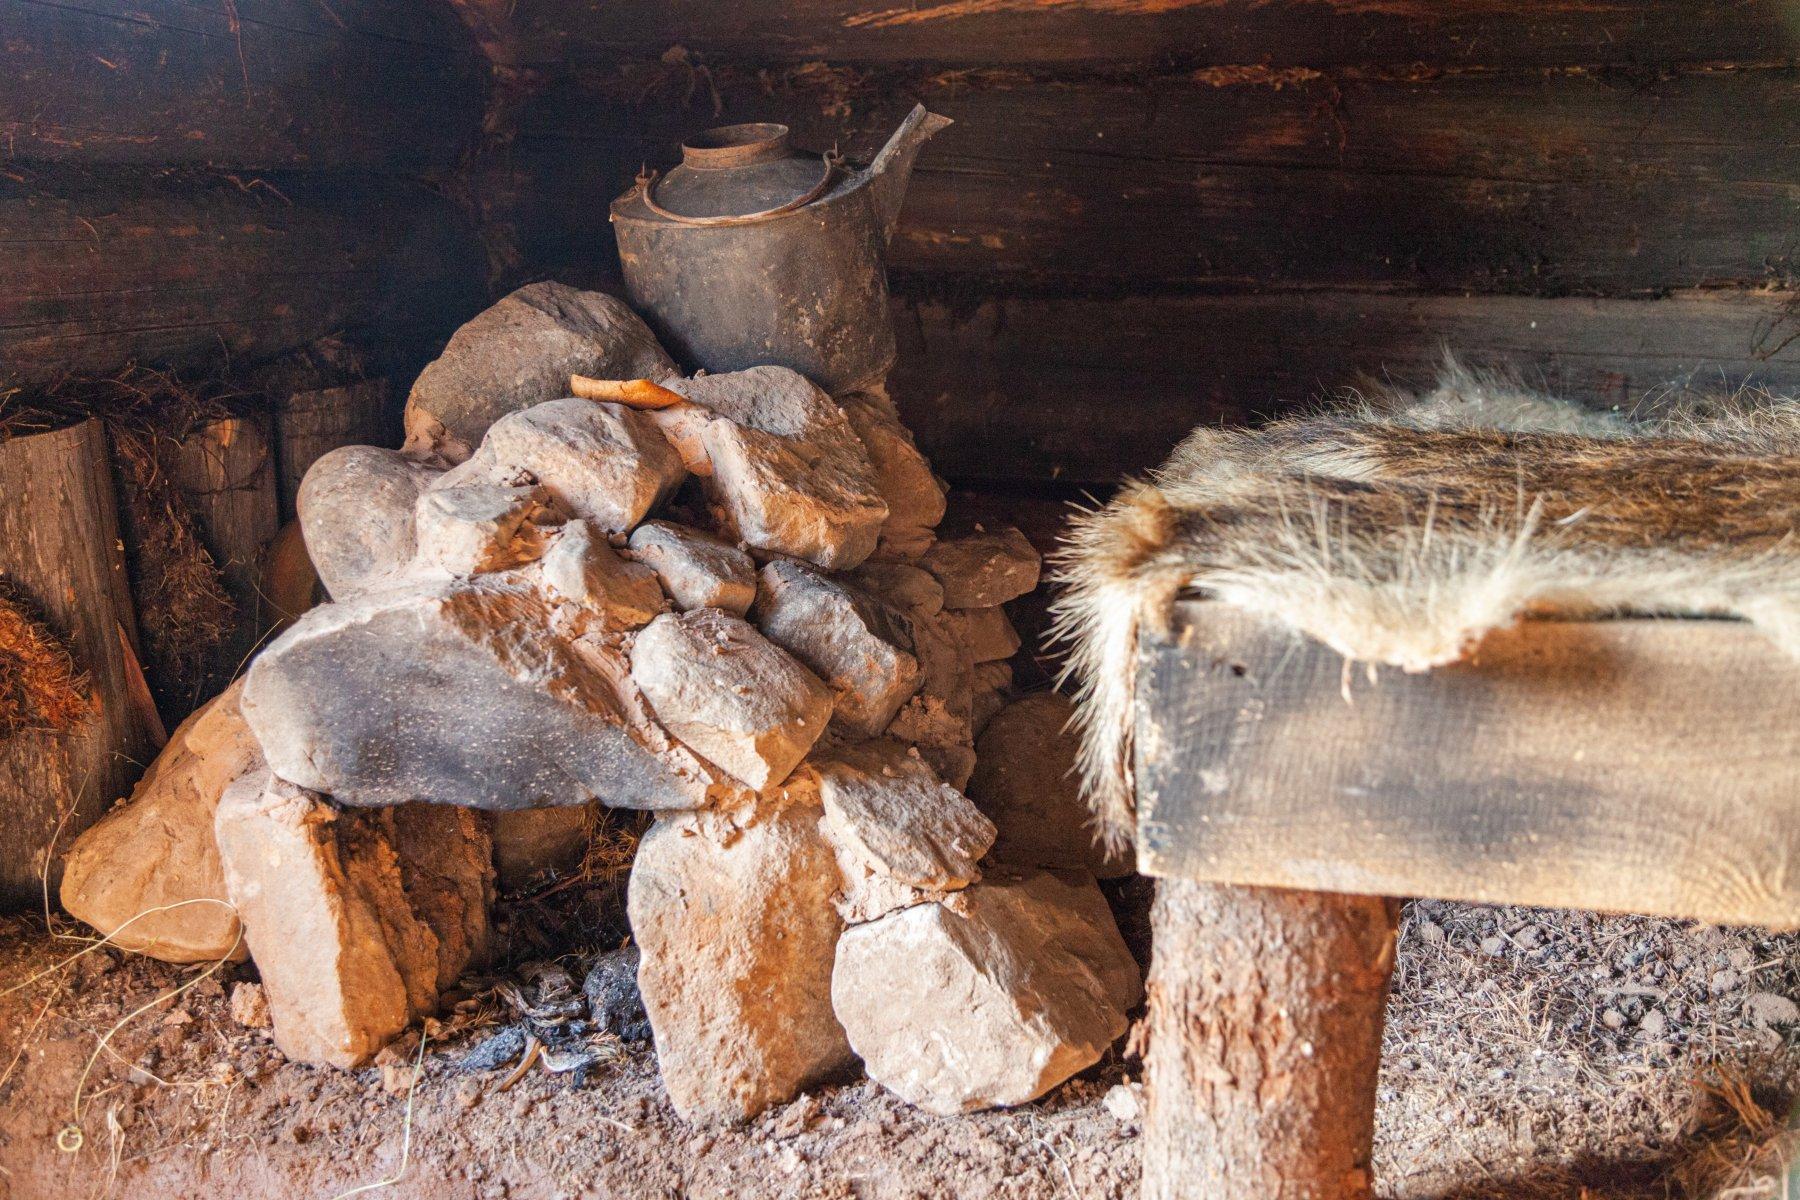 Охотничья изба. Комплекс Парга. Фото М. Р. Арасланова